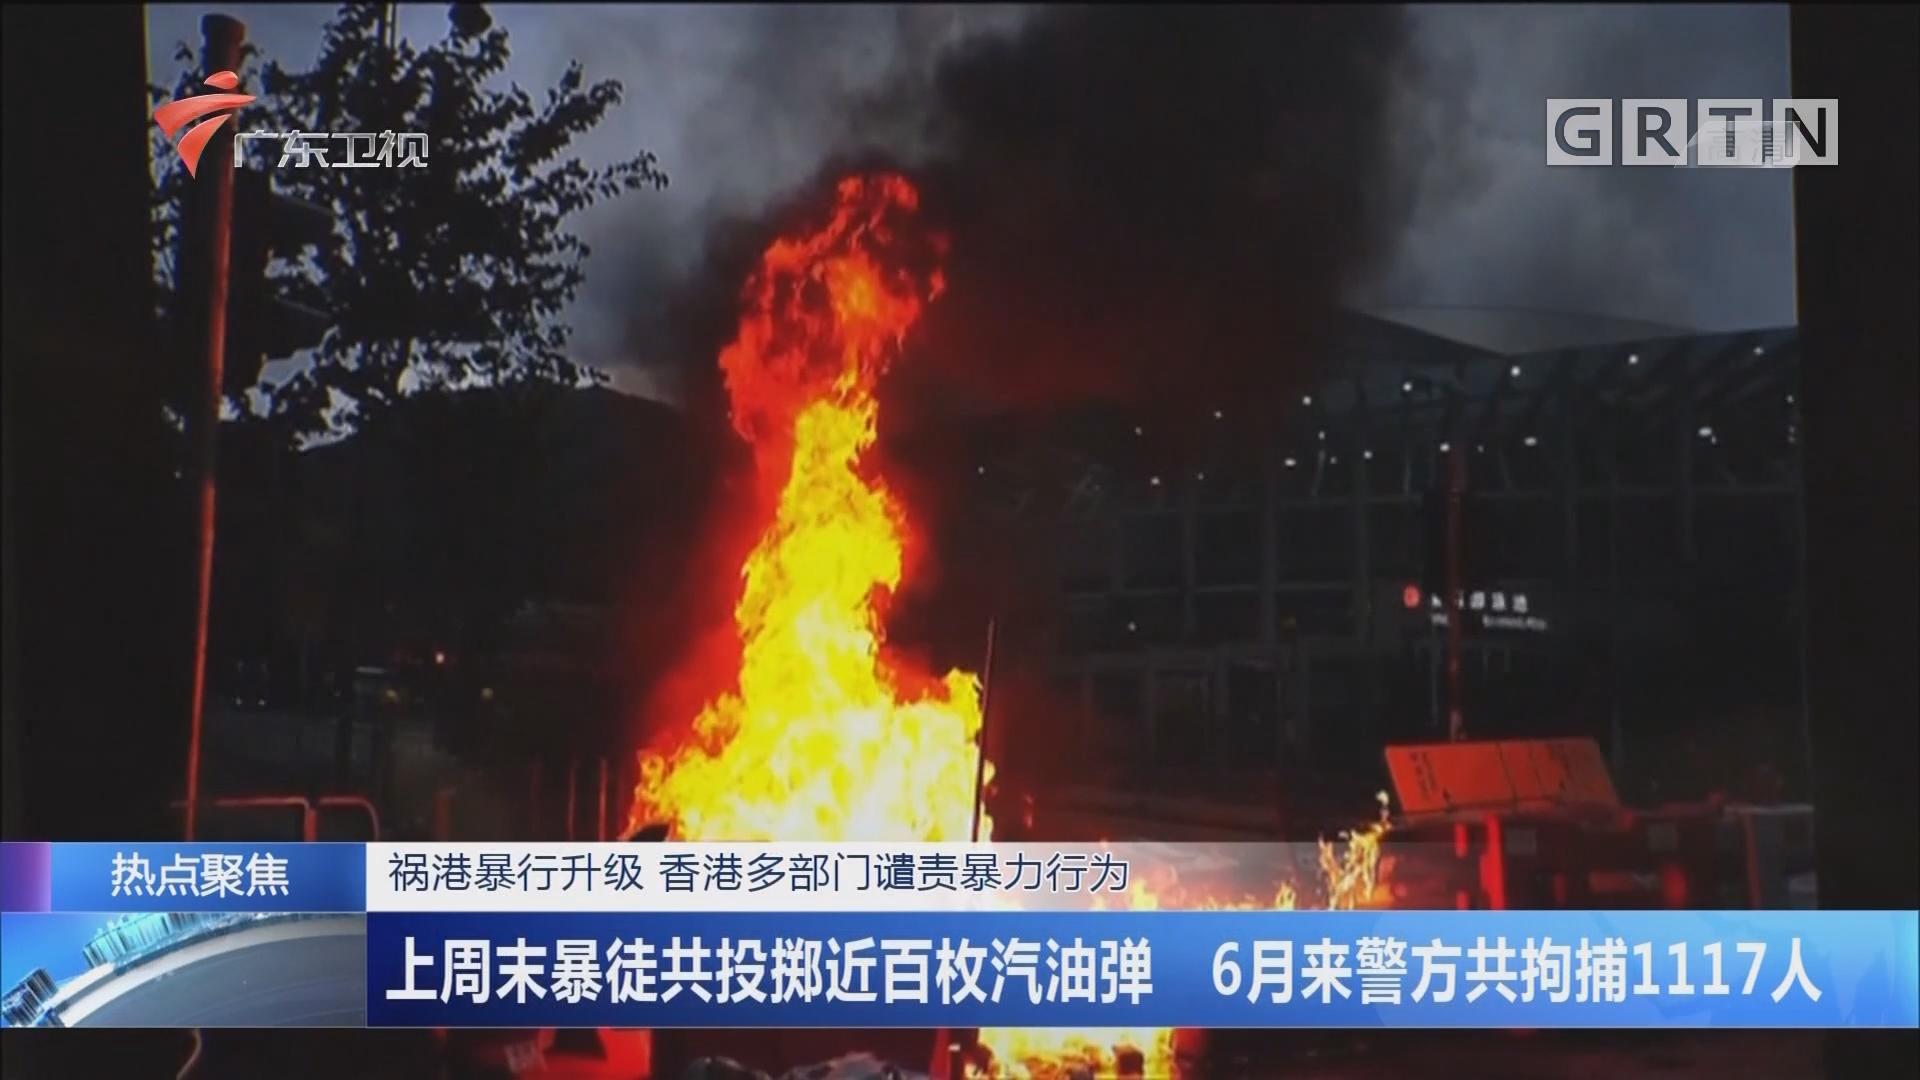 祸港暴行升级 香港多部门谴责暴力行为:上周末暴徒共投掷近百枚汽油弹 6月来警方共拘捕1117人